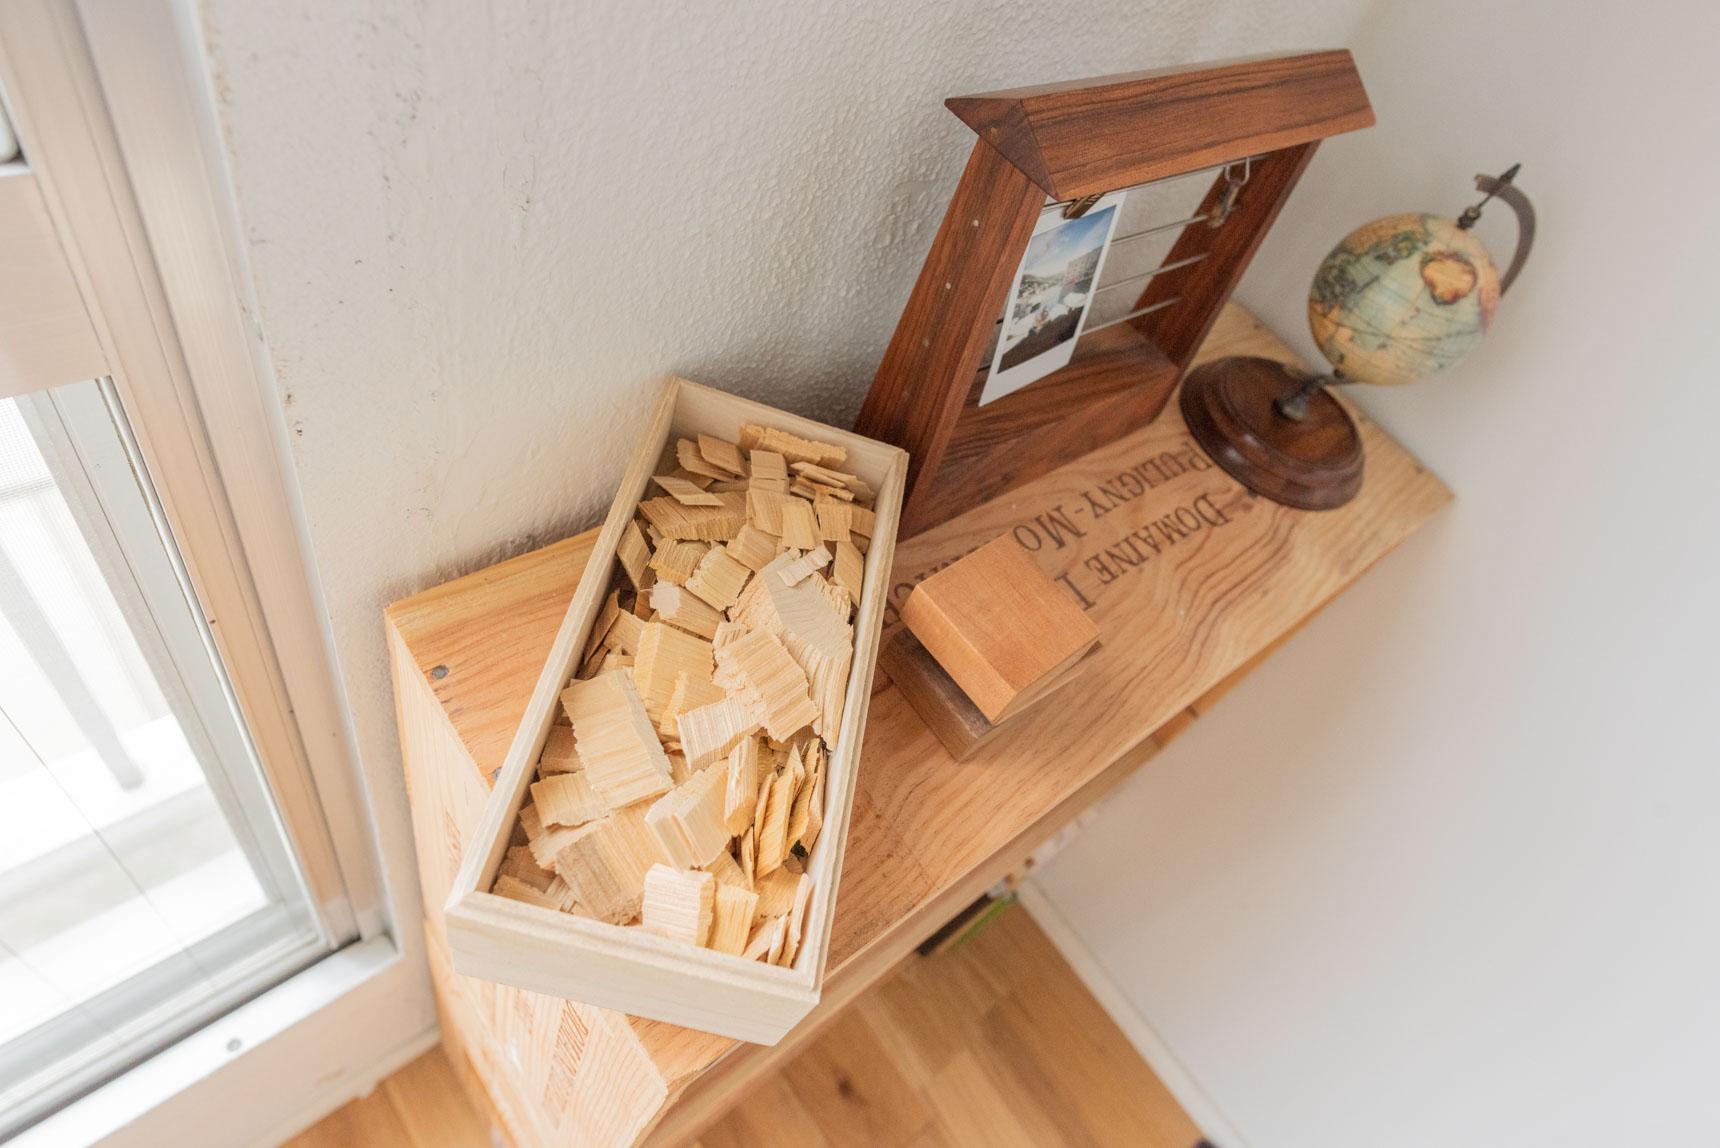 天然素材のウッドチップで玄関をおしゃれに消臭。Cul de Sac-JAPON(カルデサックジャポン)の HIBA CHIP